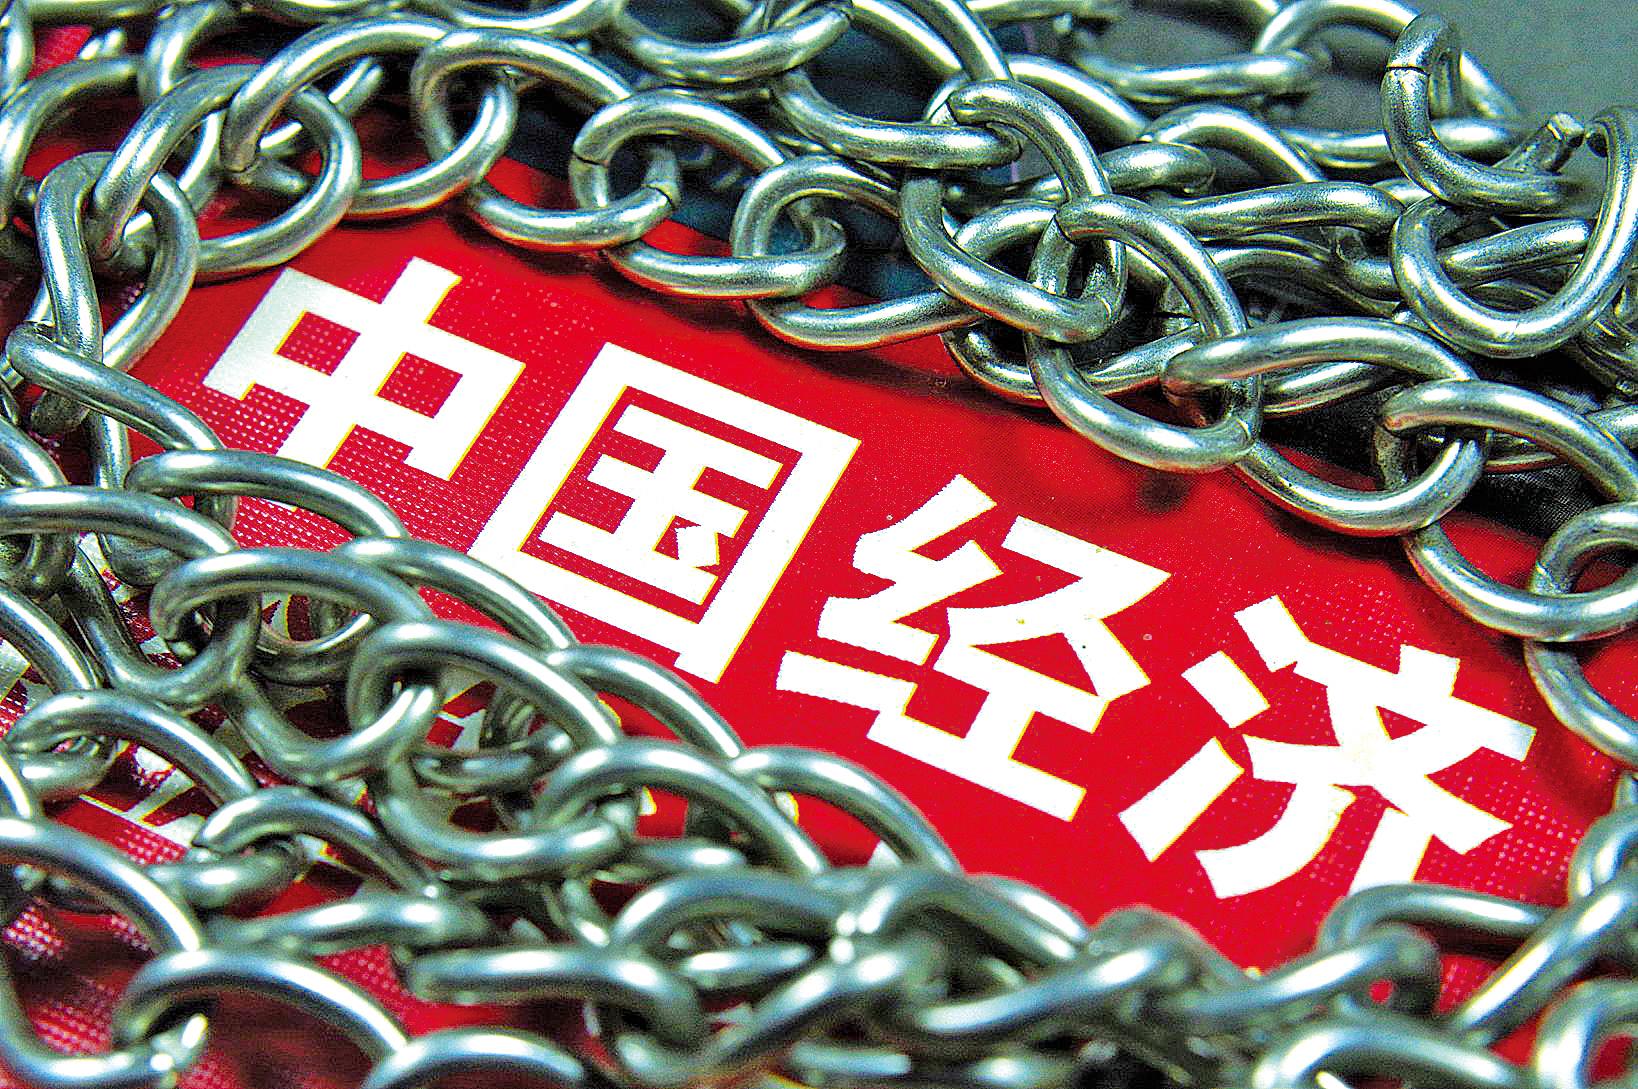 美首拒認中國市場經濟地位